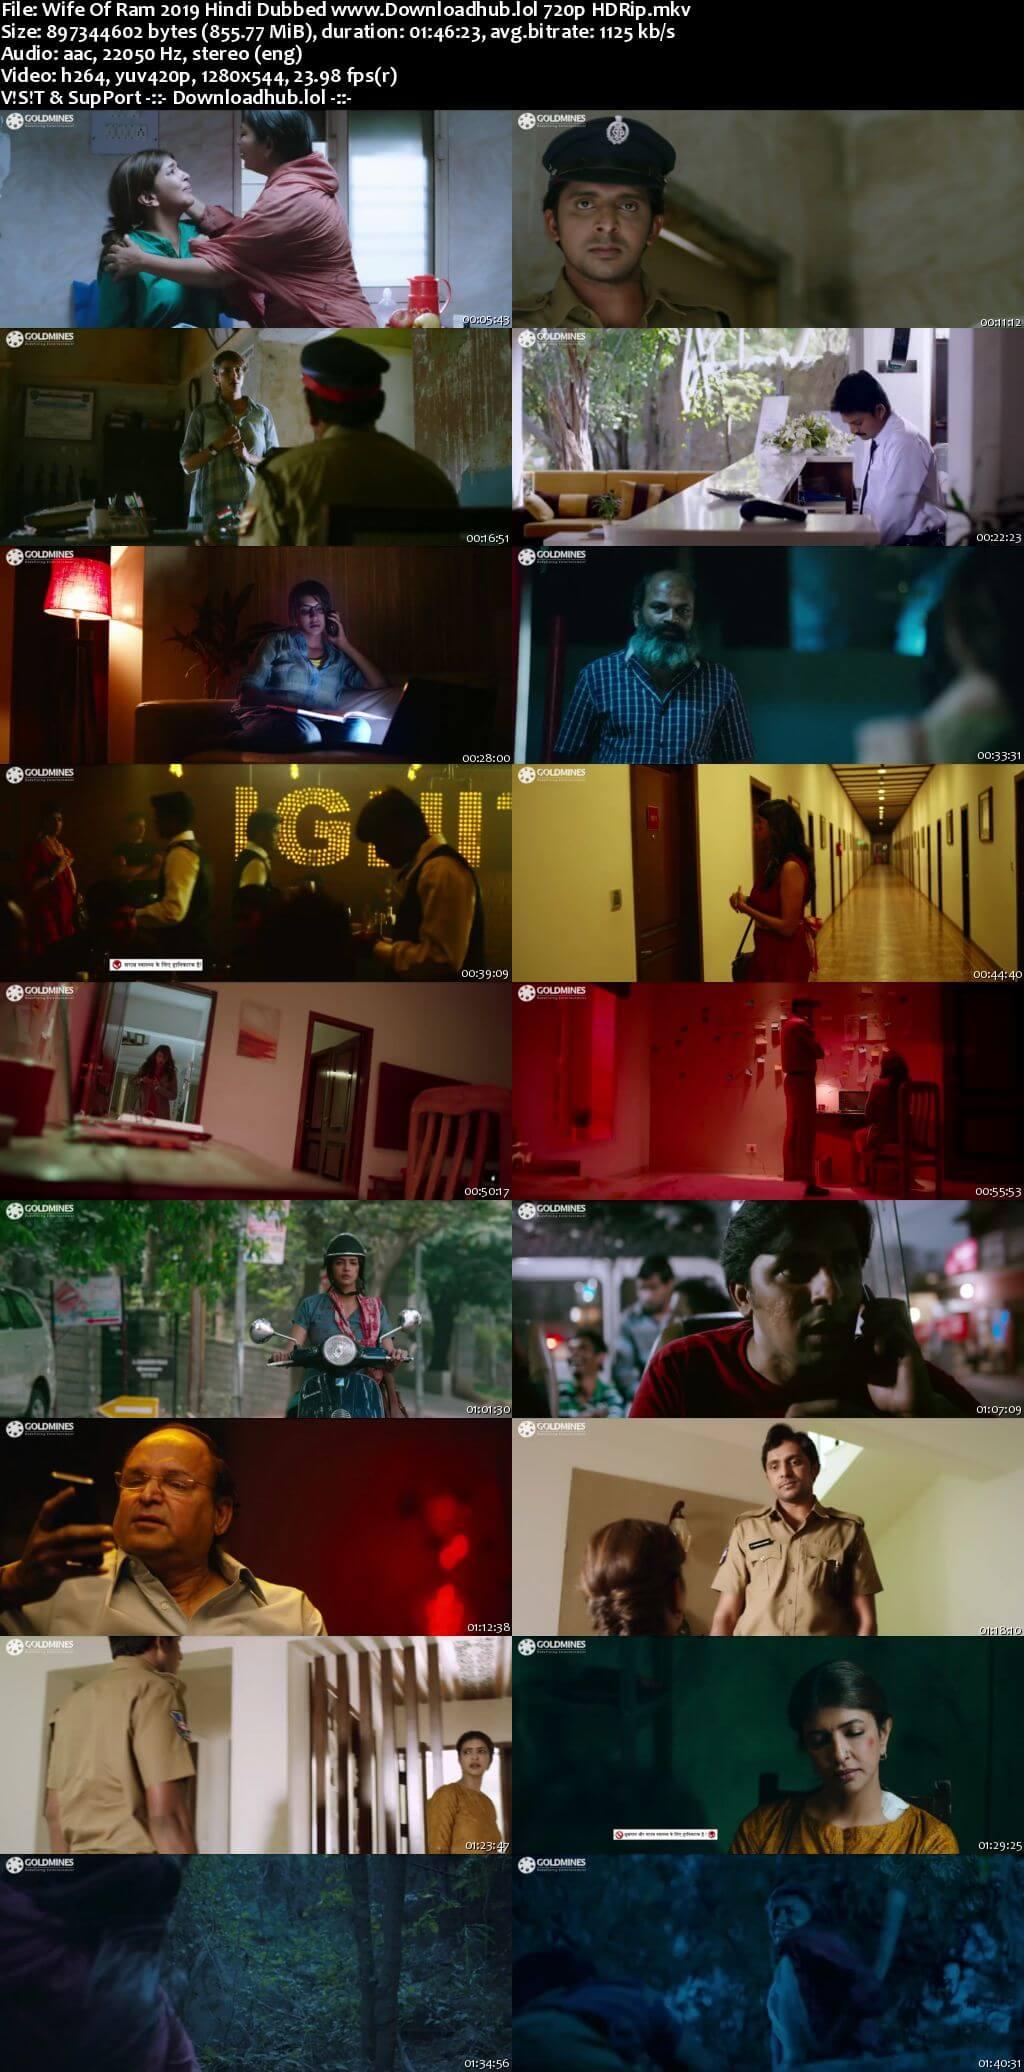 Wife Of Ram 2019 Hindi Dubbed 720p HDRip x264